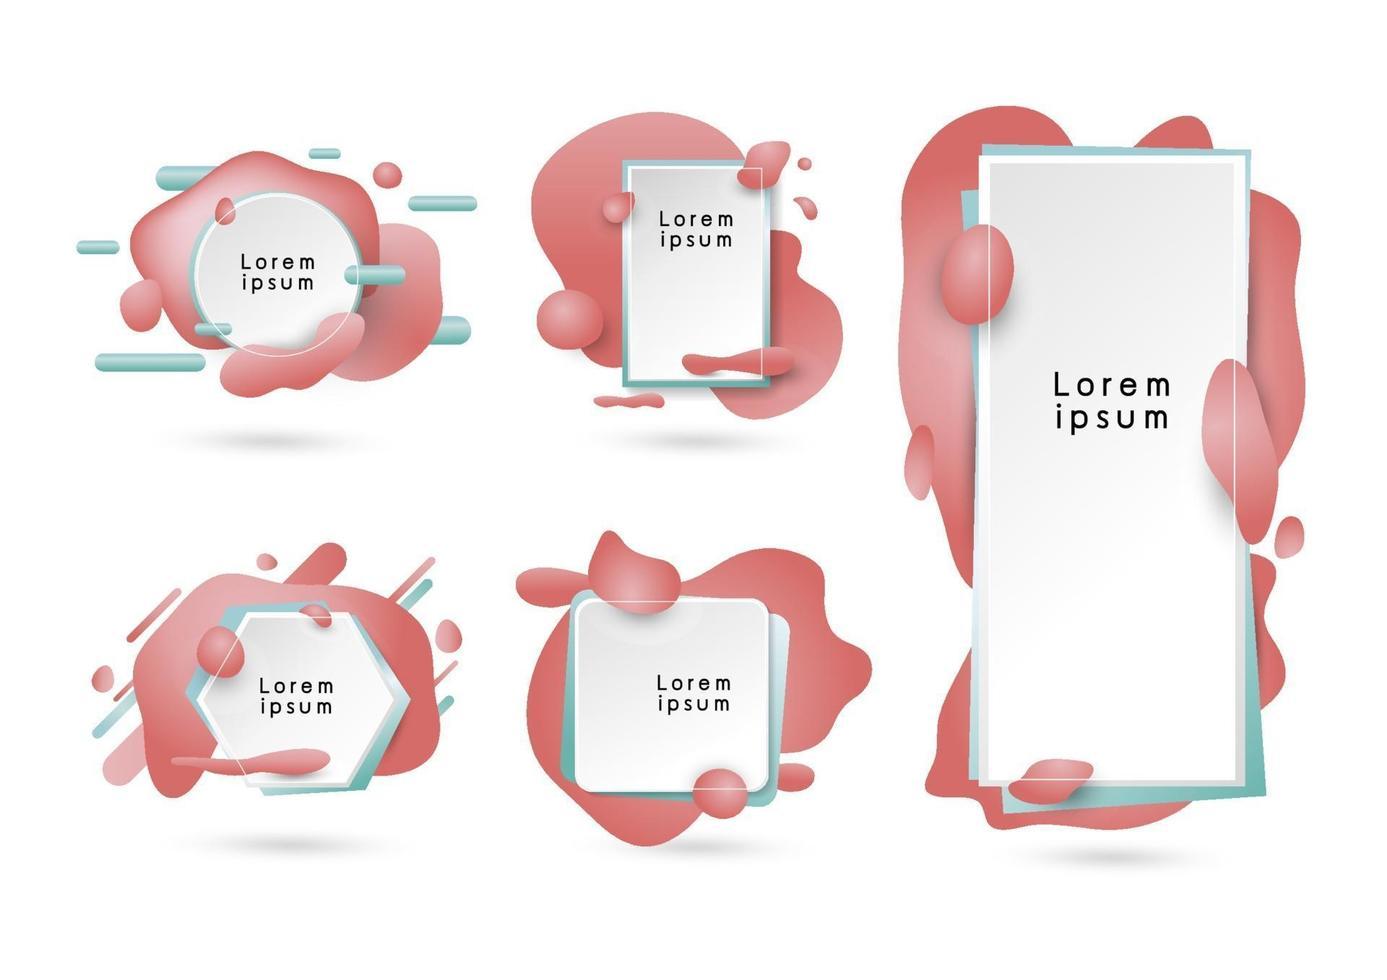 Diseño de fondo de banner moderno abstracto de ilustración de vector de color coral fluido 3d